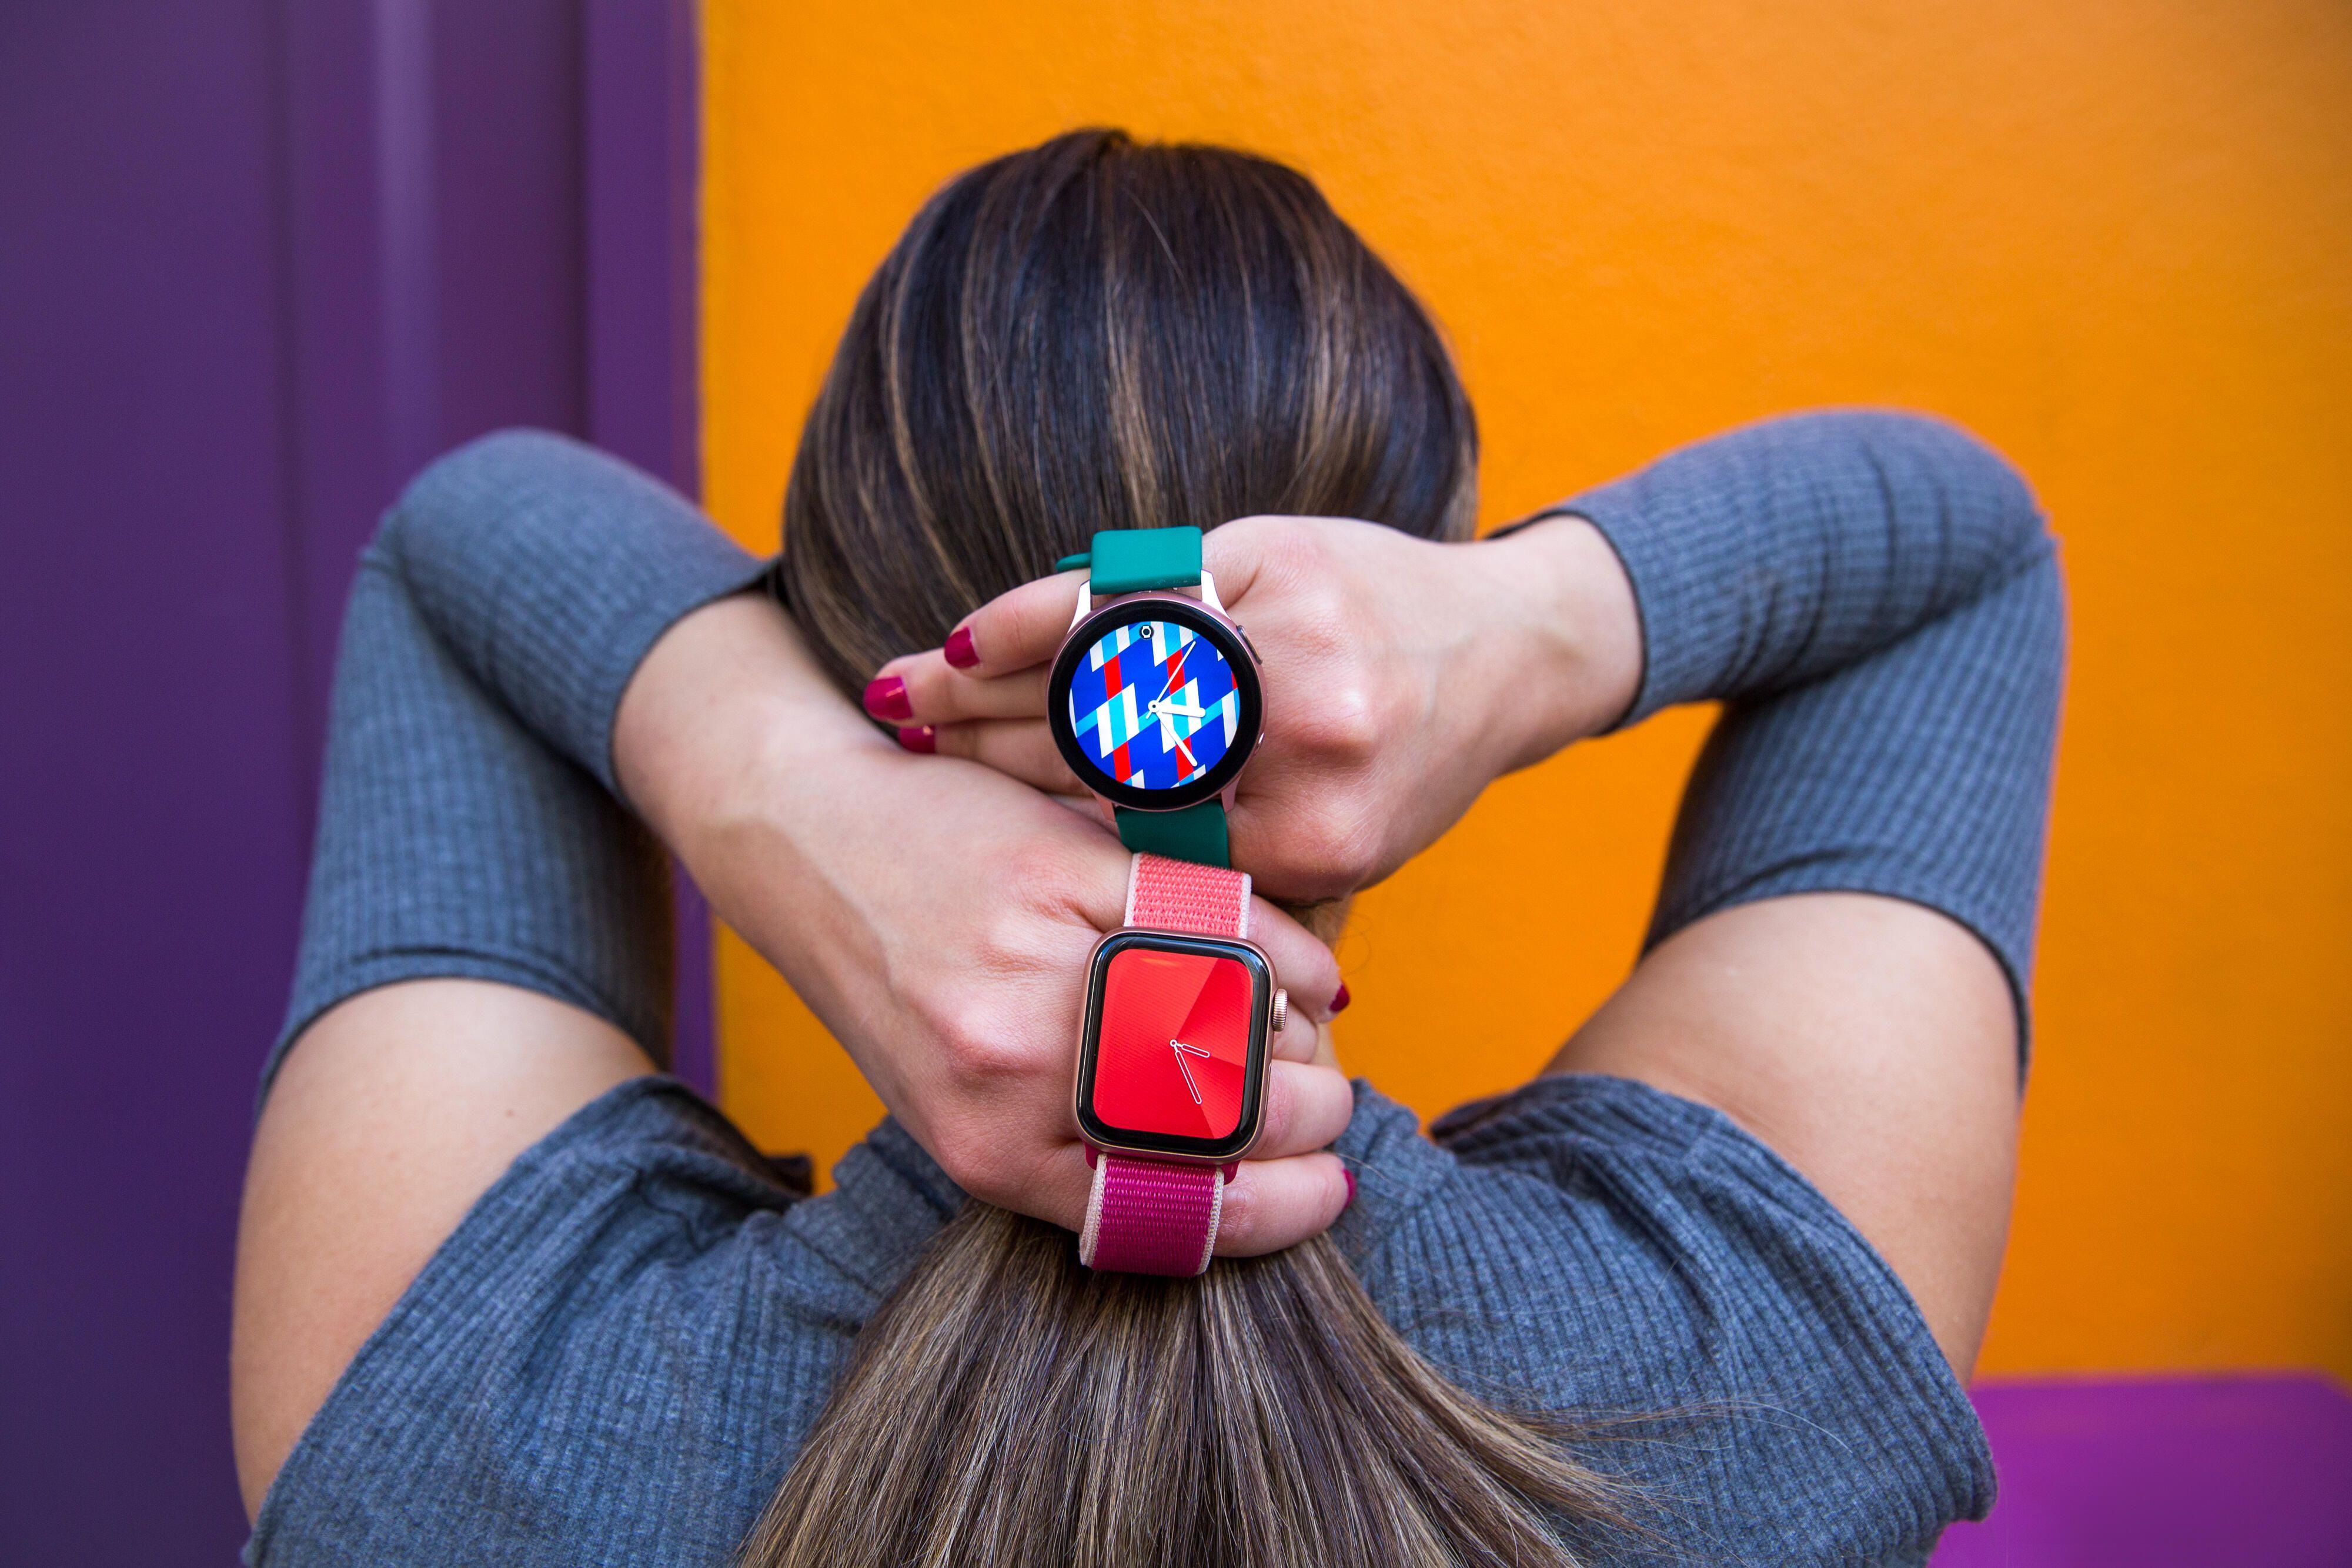 apple-watch-samsung-watch-1